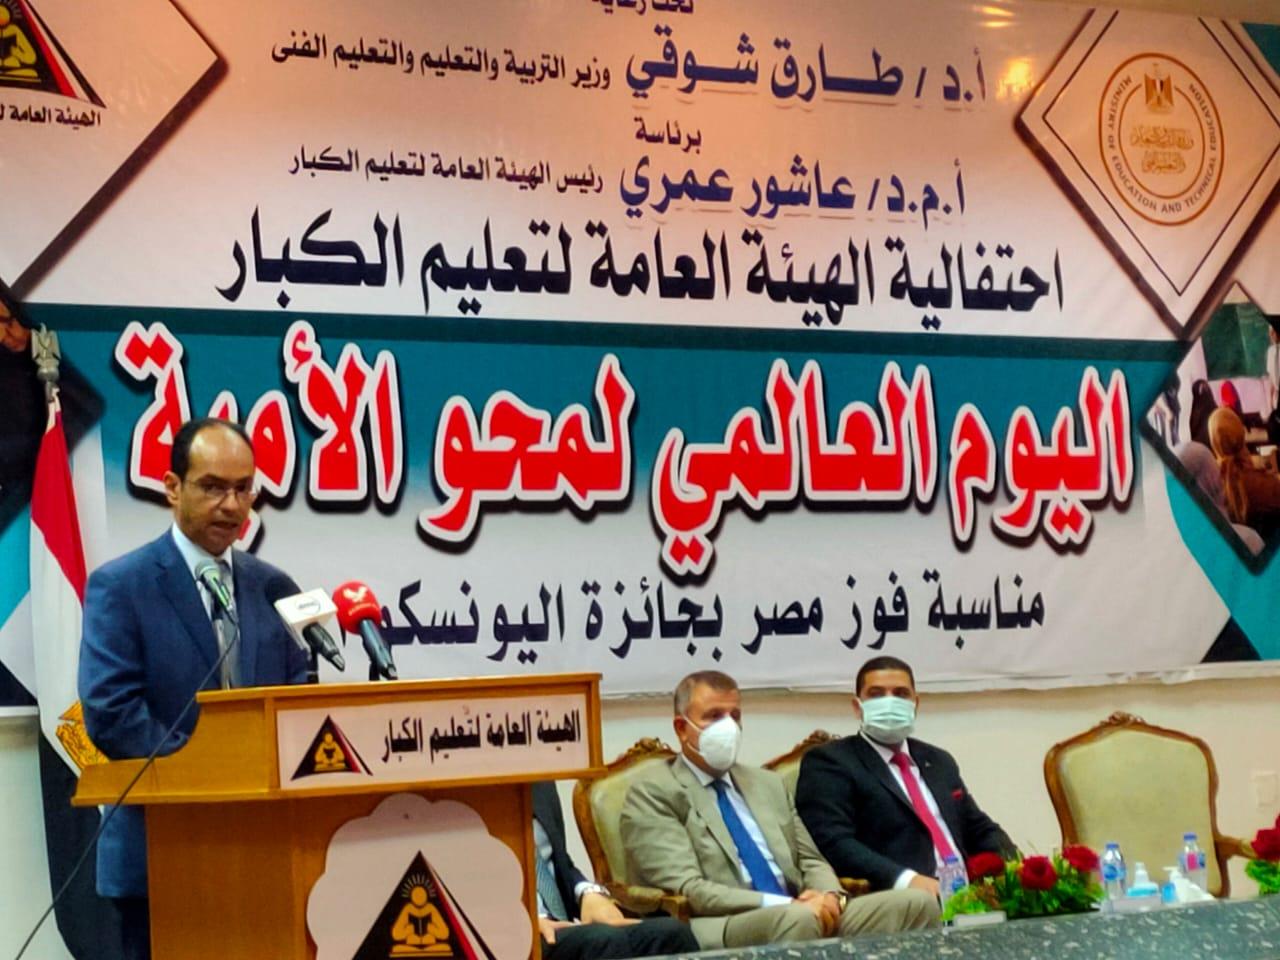 جامعة الوادى الجديد تشارك فى الاحتفال ياليوم العالمى لمحو الامية